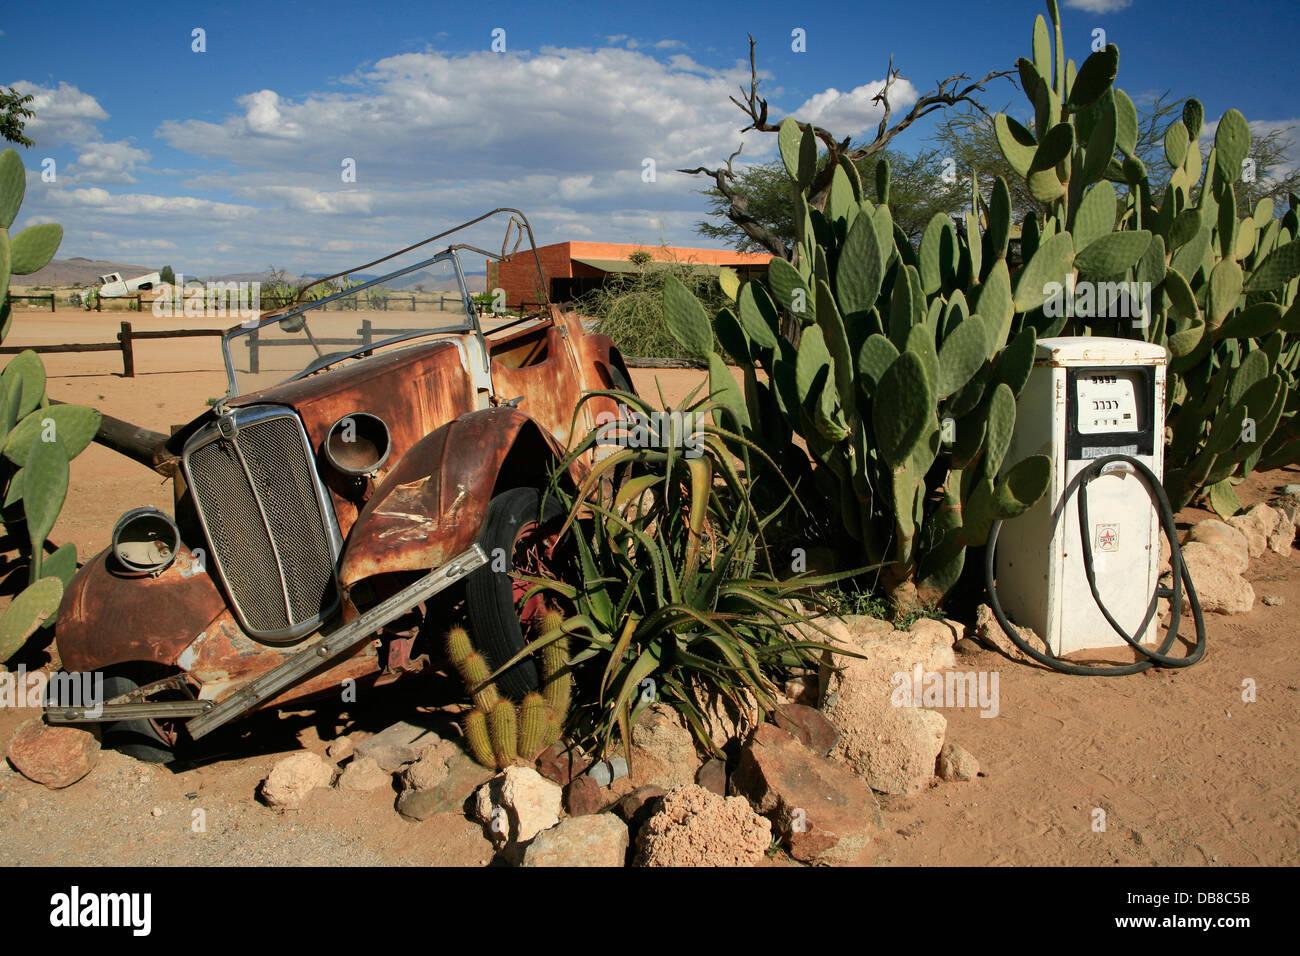 Voiture rouillée à descendre station essence, Solitaire, en Namibie Photo Stock